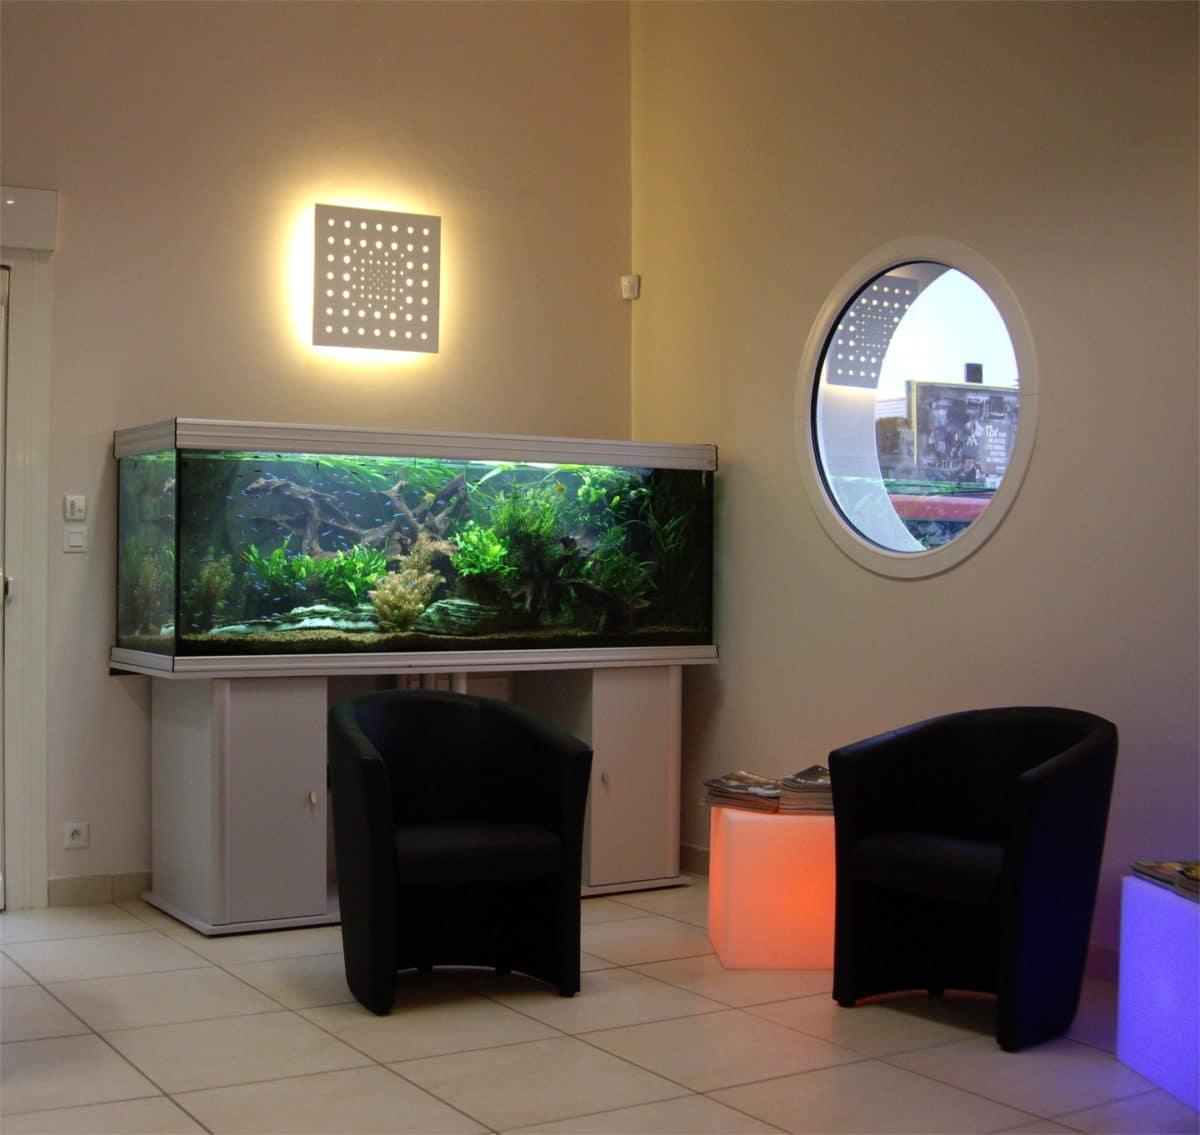 Aquarium planté aquascaping 1000L dans une clinique vétérinaire à St Herblain (44)